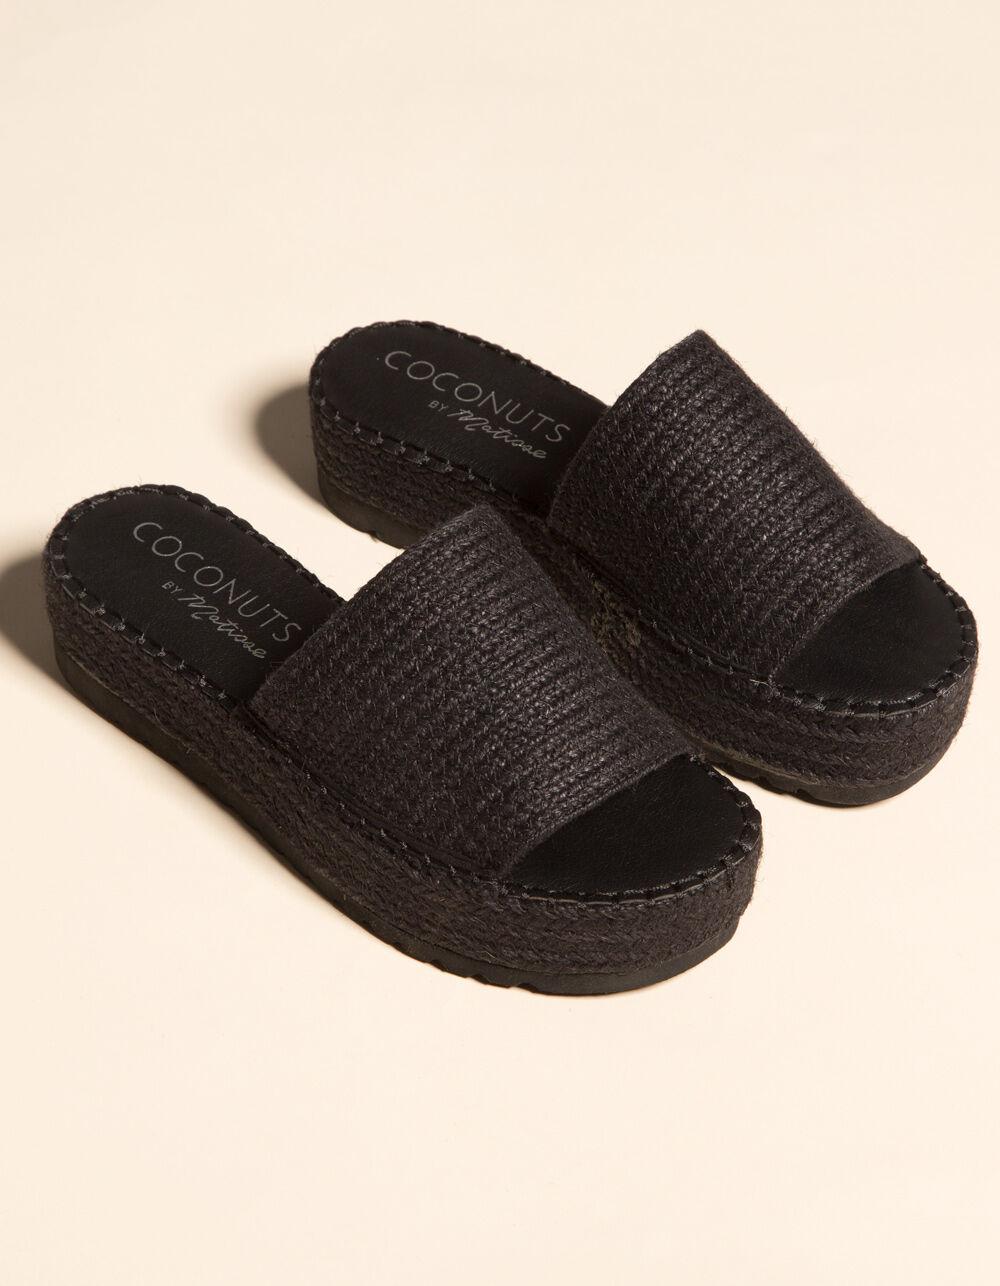 COCONUTS Del Mar Black Espadrille Flatform Sandals